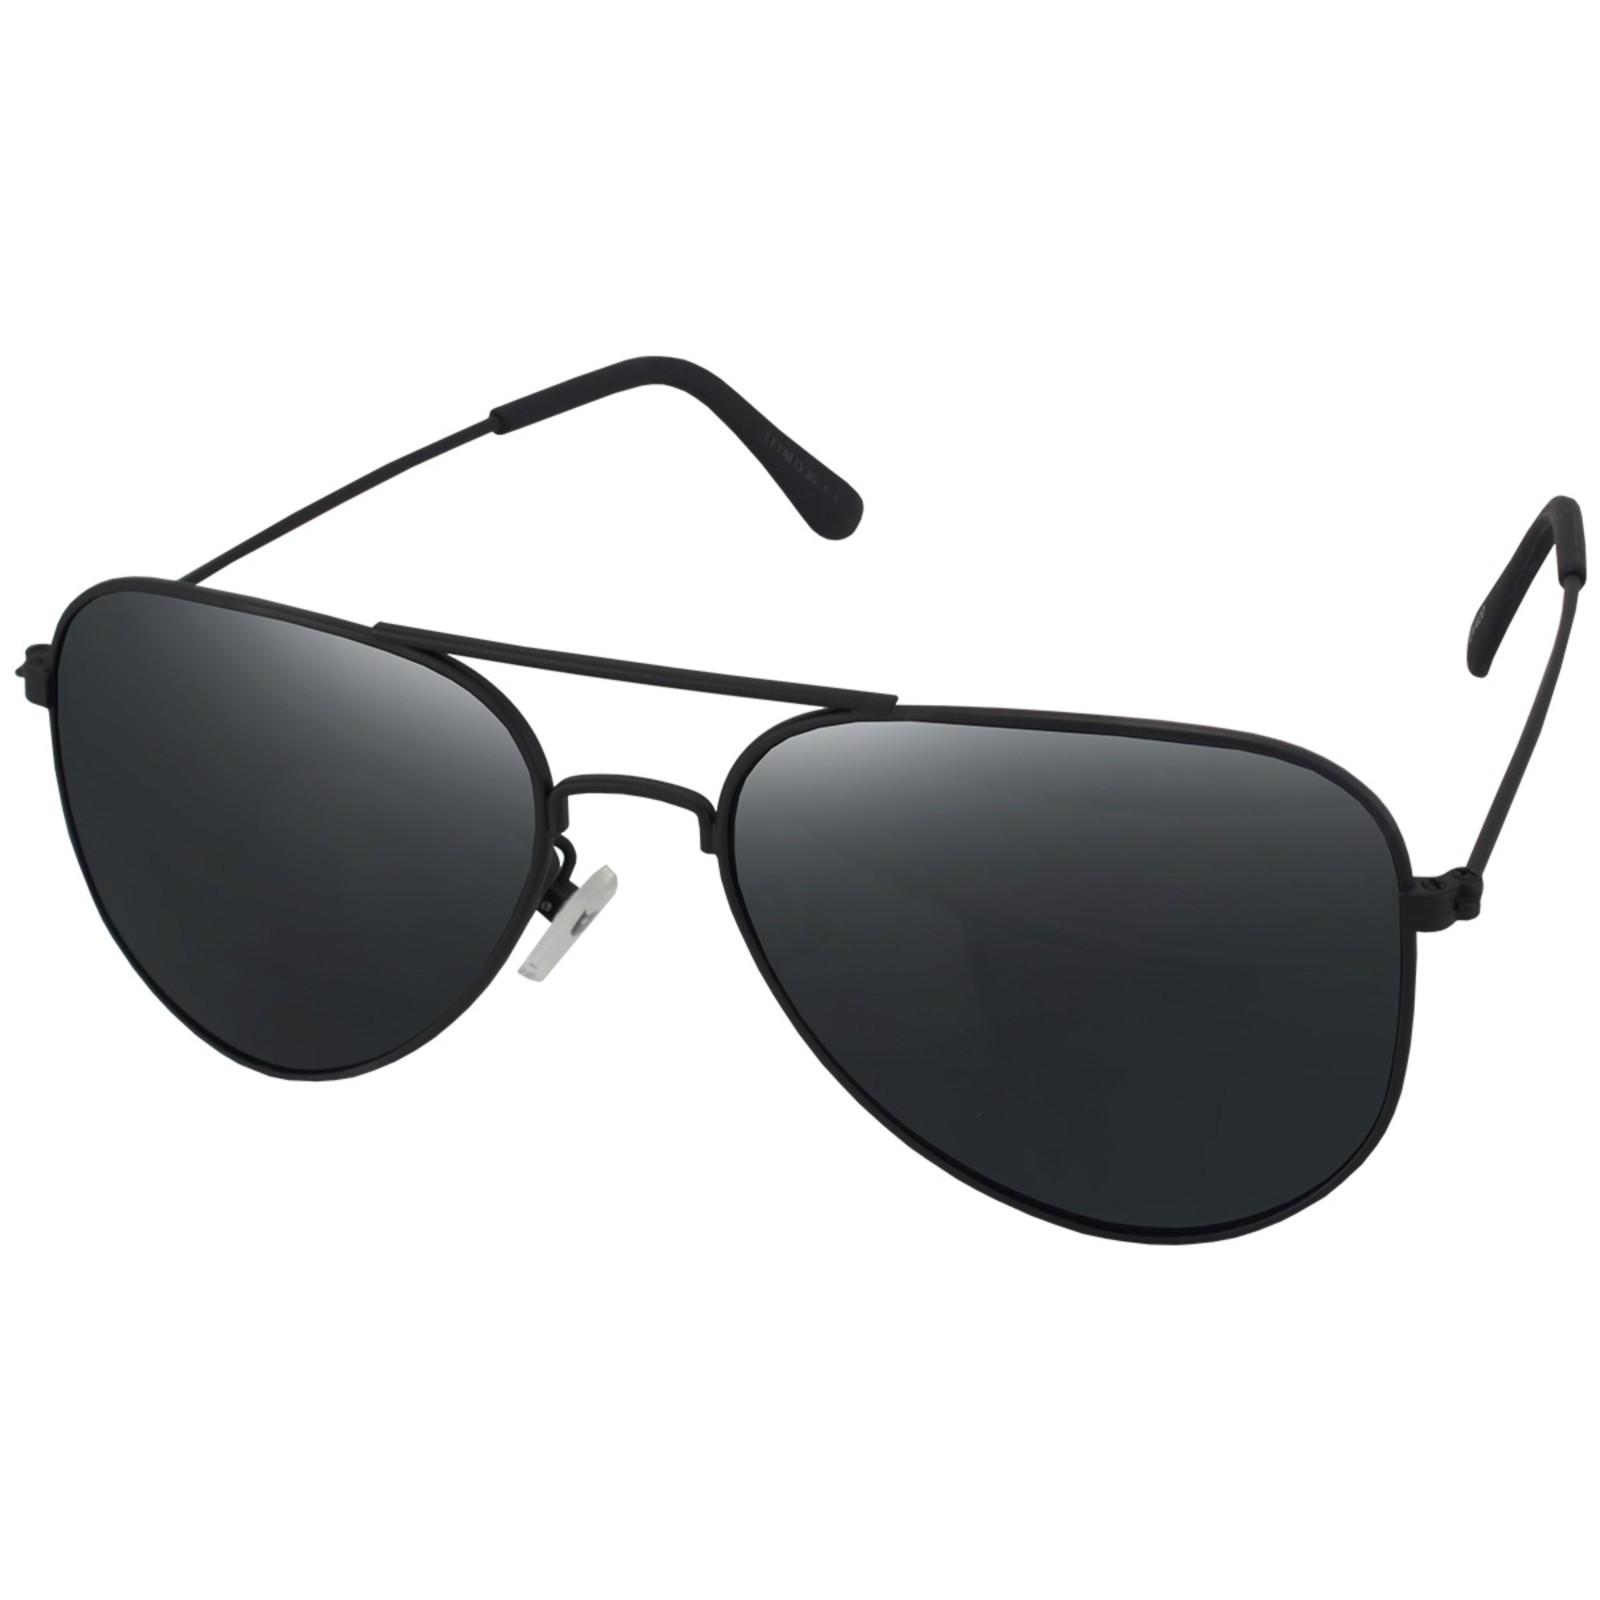 Óculos De Sol Mackage Unissex Metal Aviador Classico - Preto